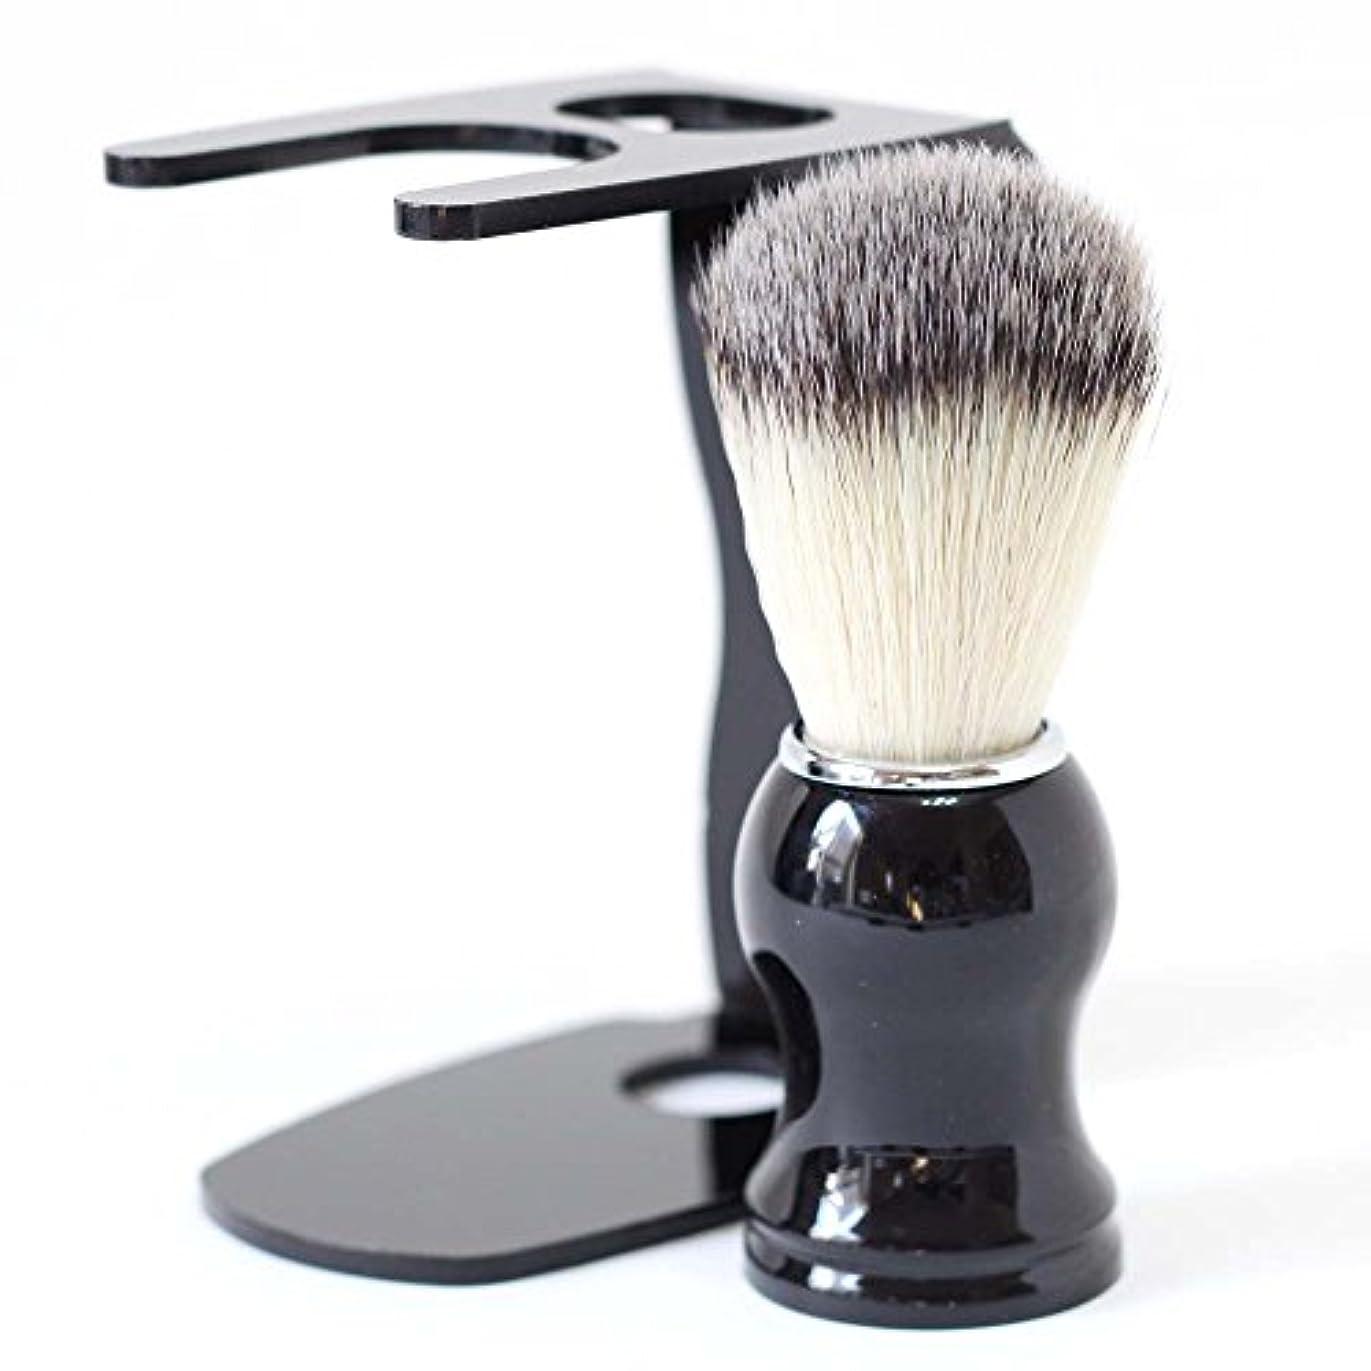 スチュワードスペイン語不機嫌そうな【Barsado】泡立ちが違う 100% アナグマ 毛 シェービング ブラシ スタンド付き/理容 洗顔 髭剃り マッサージ 効果